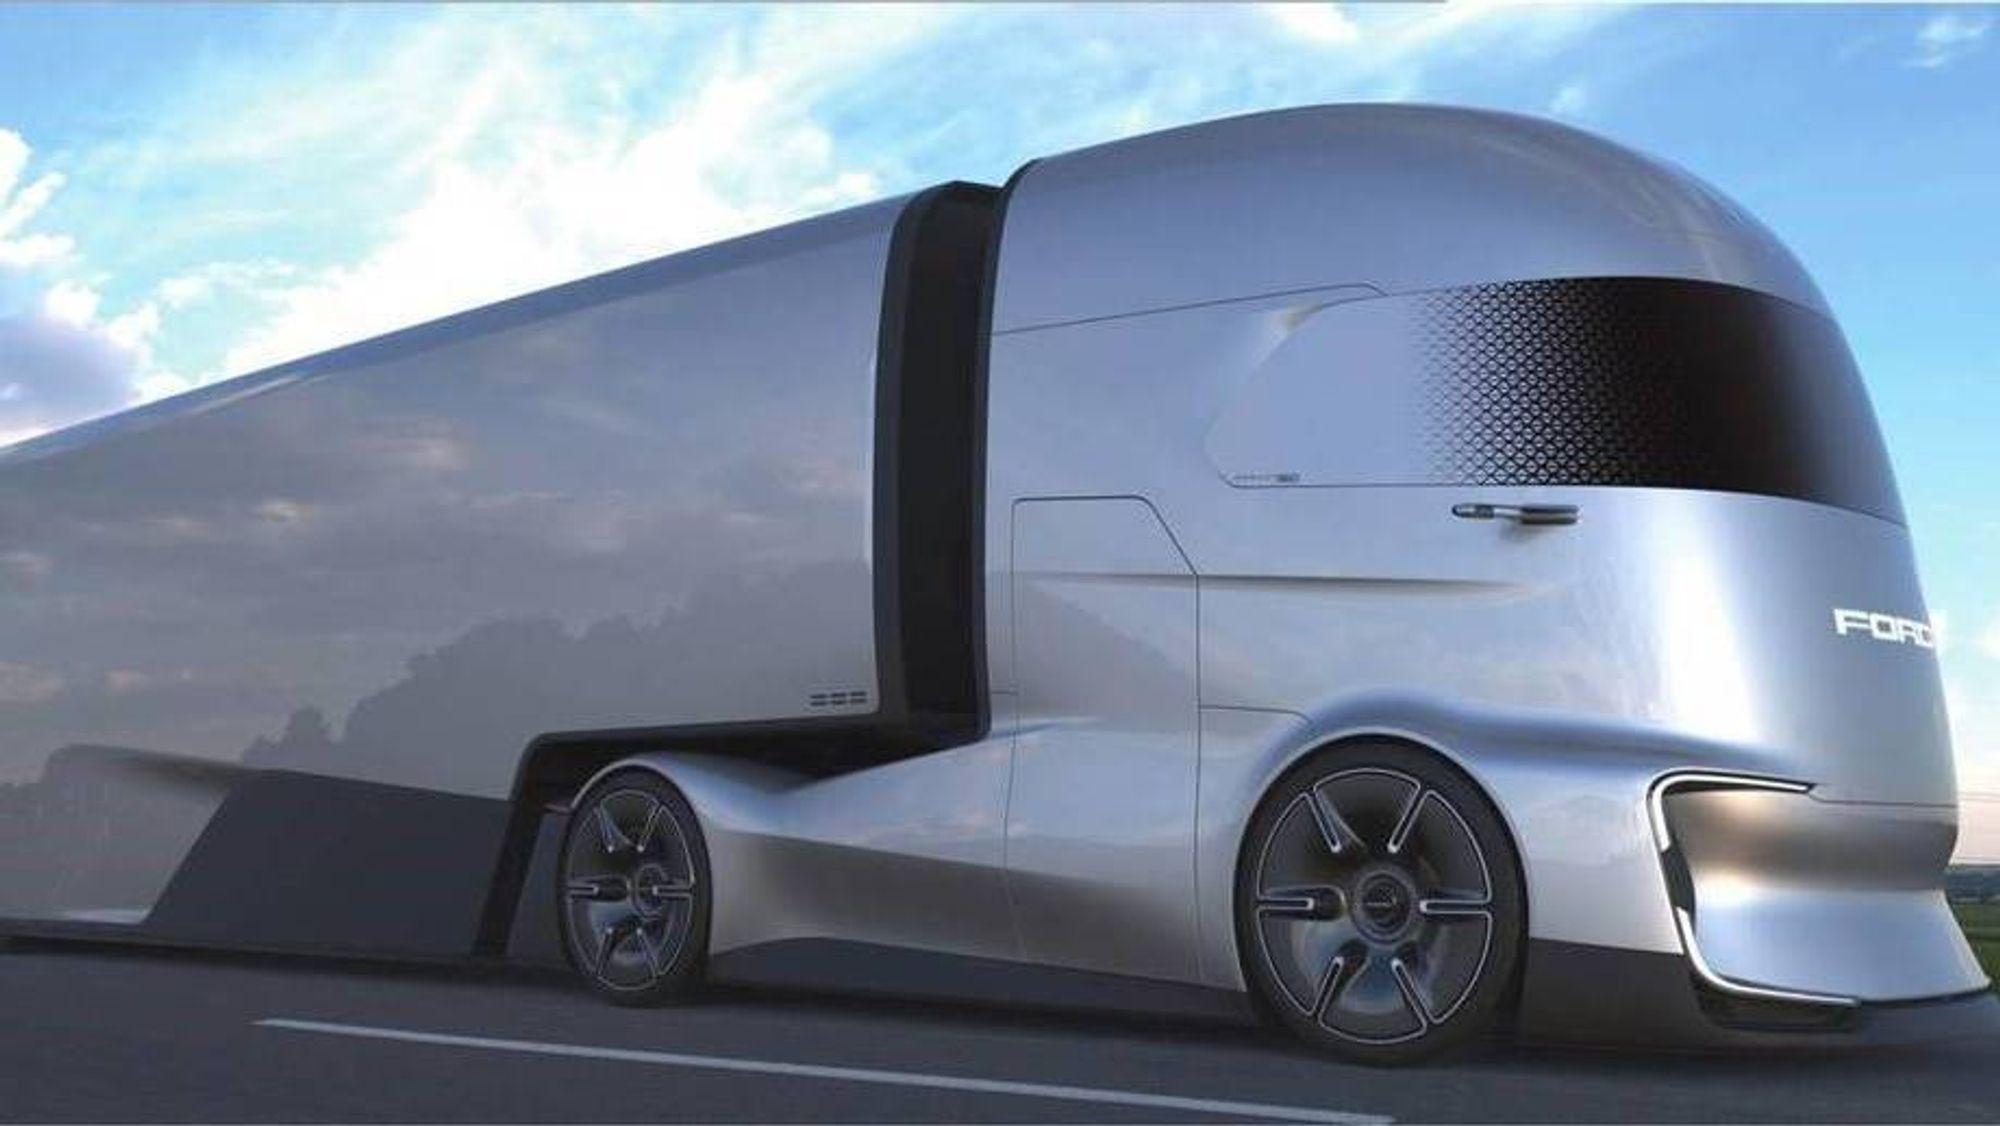 Fords nye selvkjørende el-lastebilkonsept.